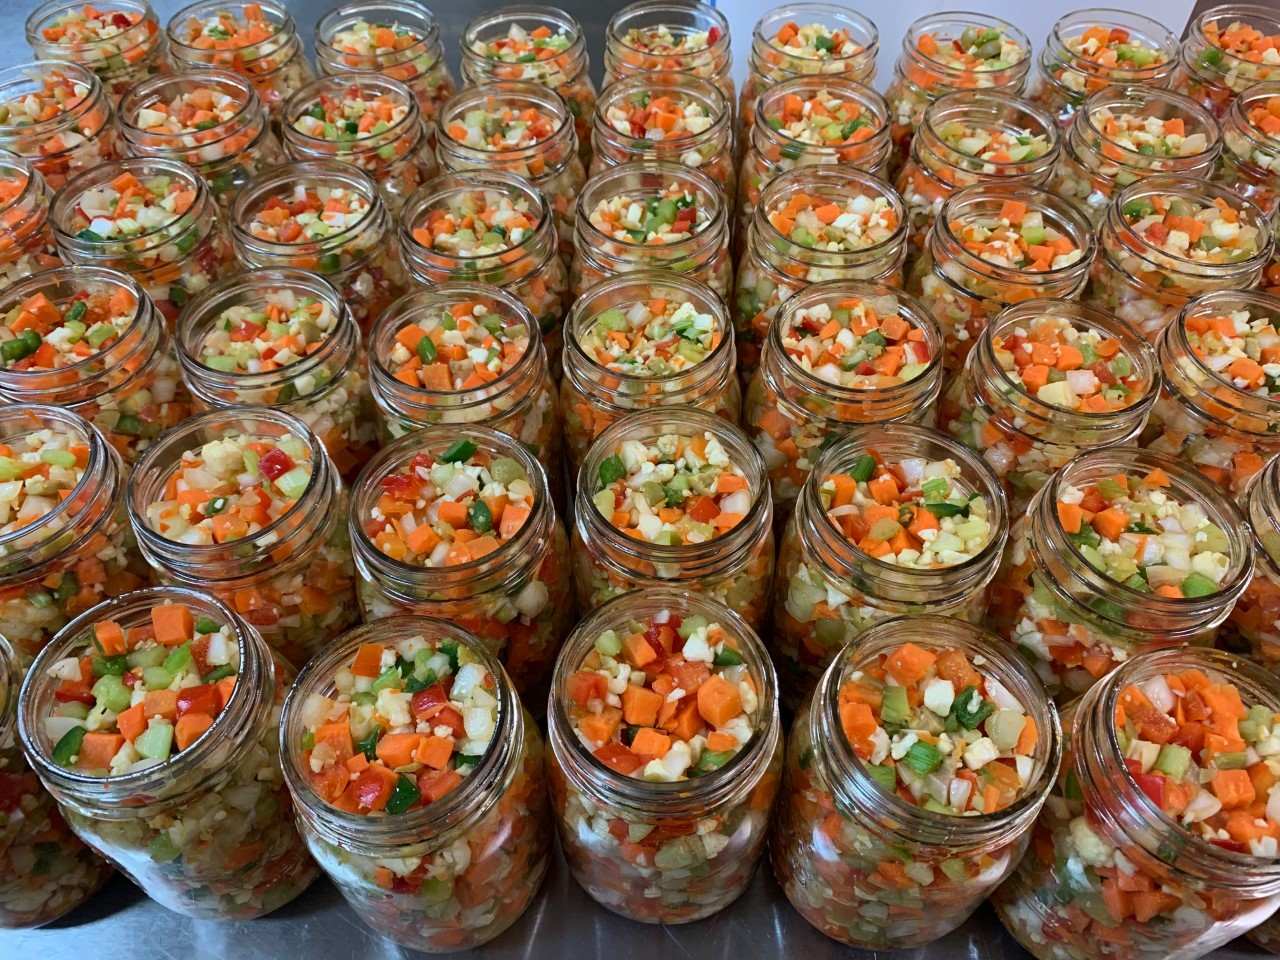 Giardiniera Jar